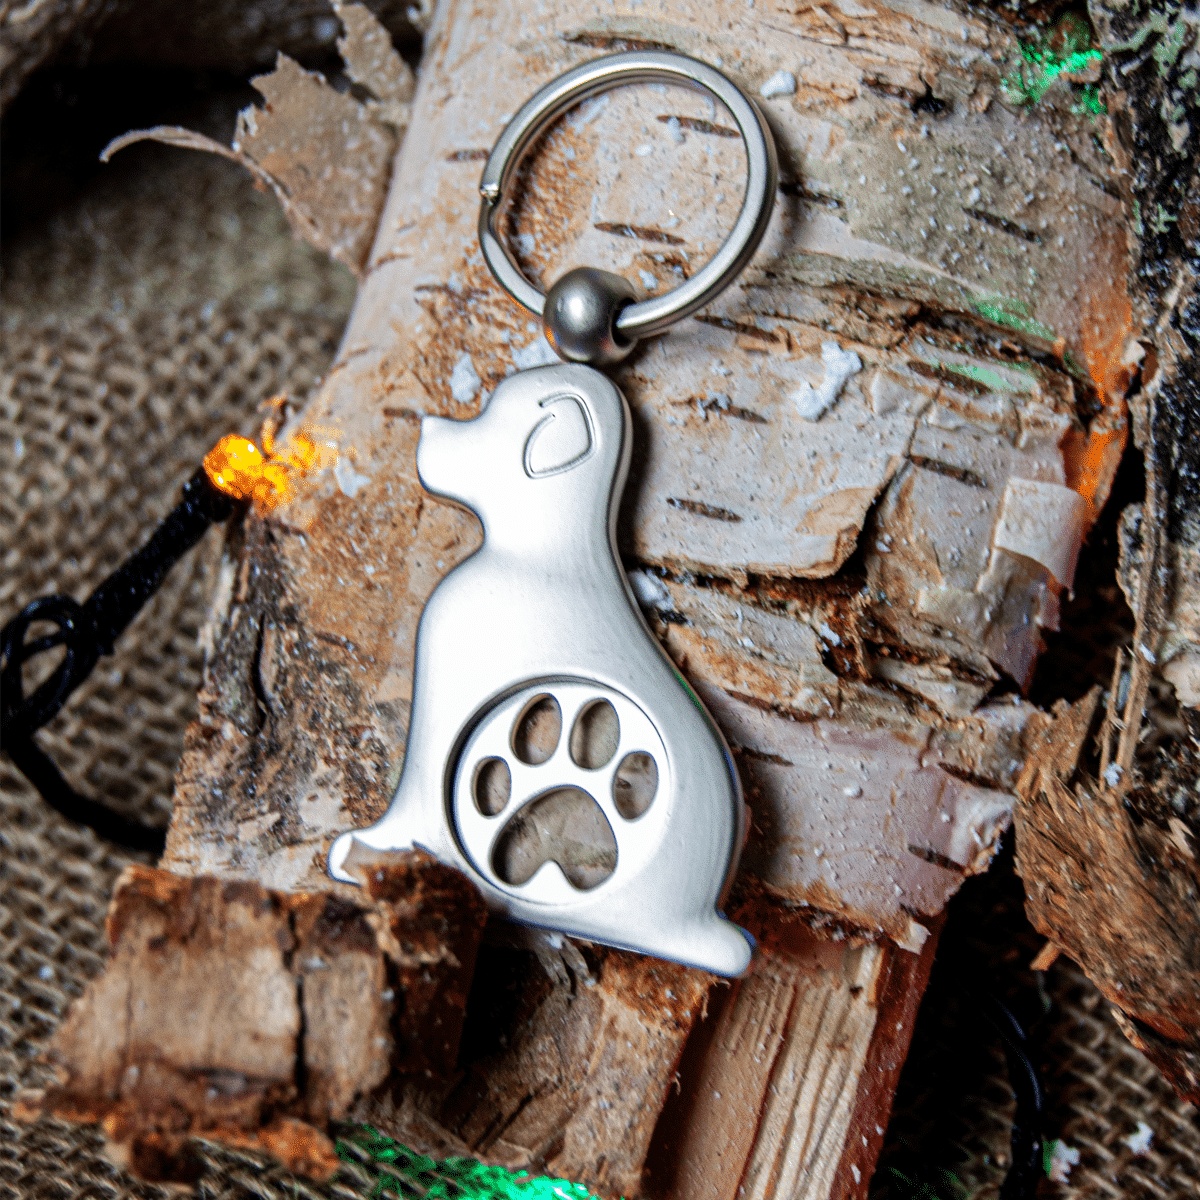 Elegant och stilren nyckelring i gjuten metall för hundägaren